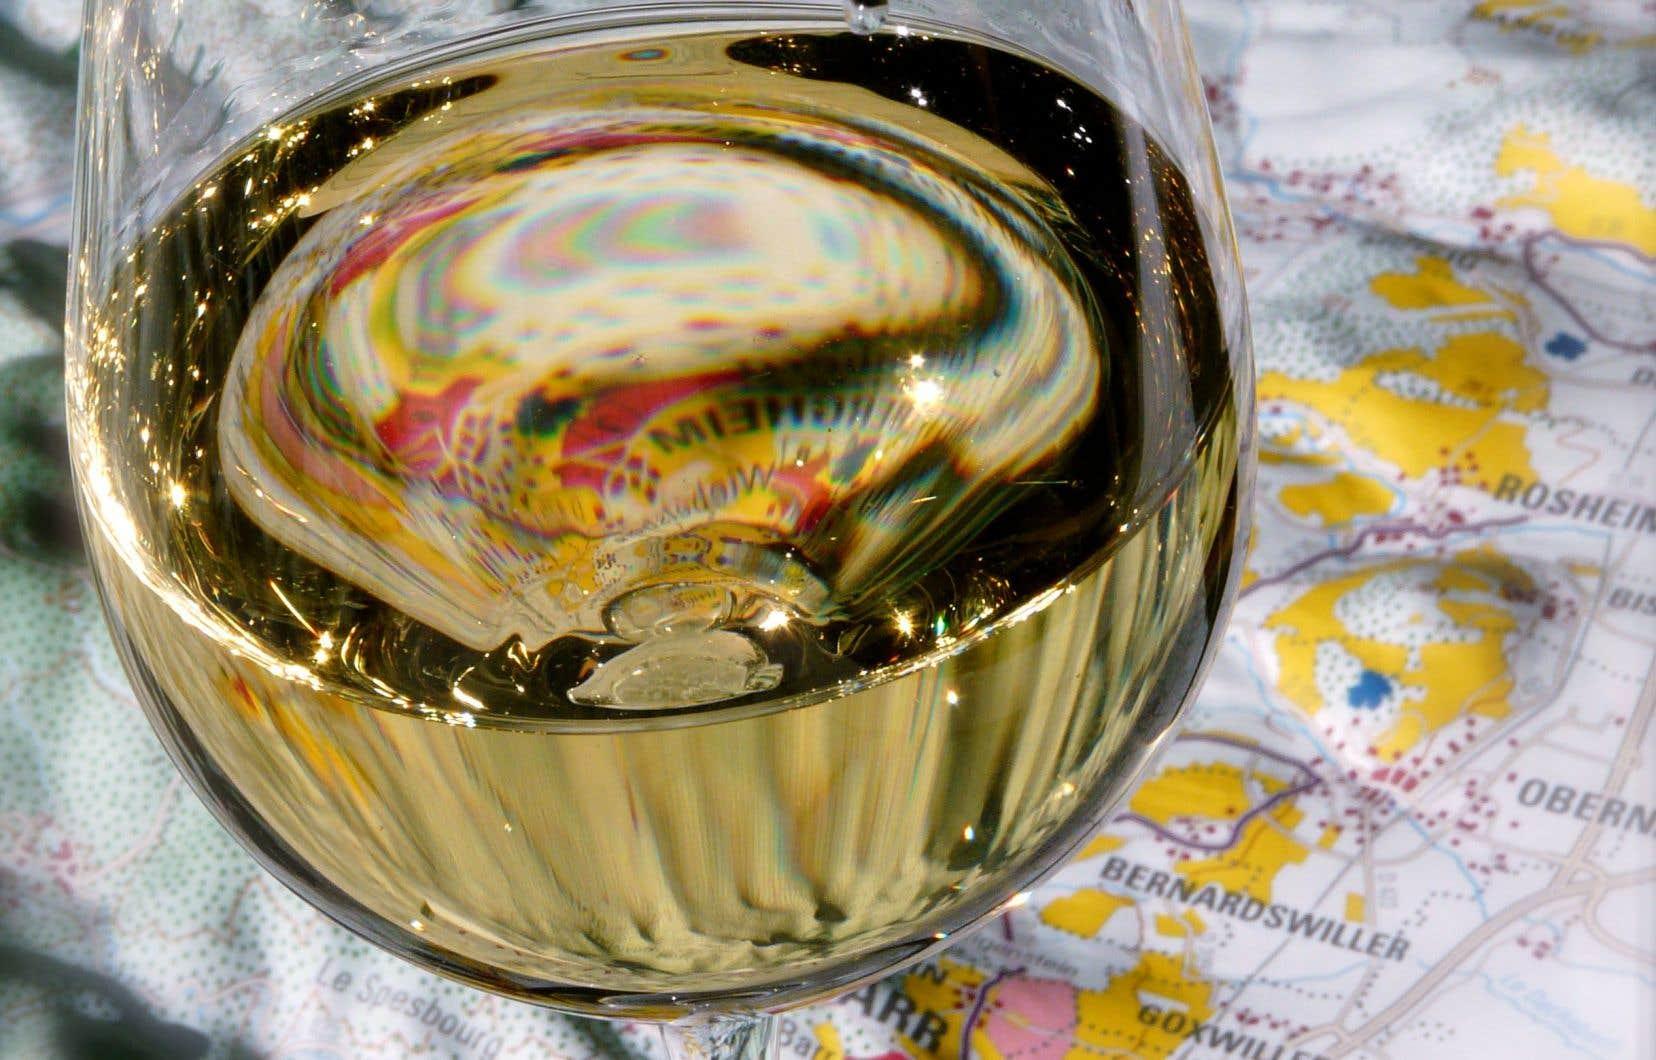 Sait-on parler de vin? Je veux dire monter le cheval des mots pour l'inviter au petit trot, voire au grand galop d'un descriptif aussi bridé que débridé?